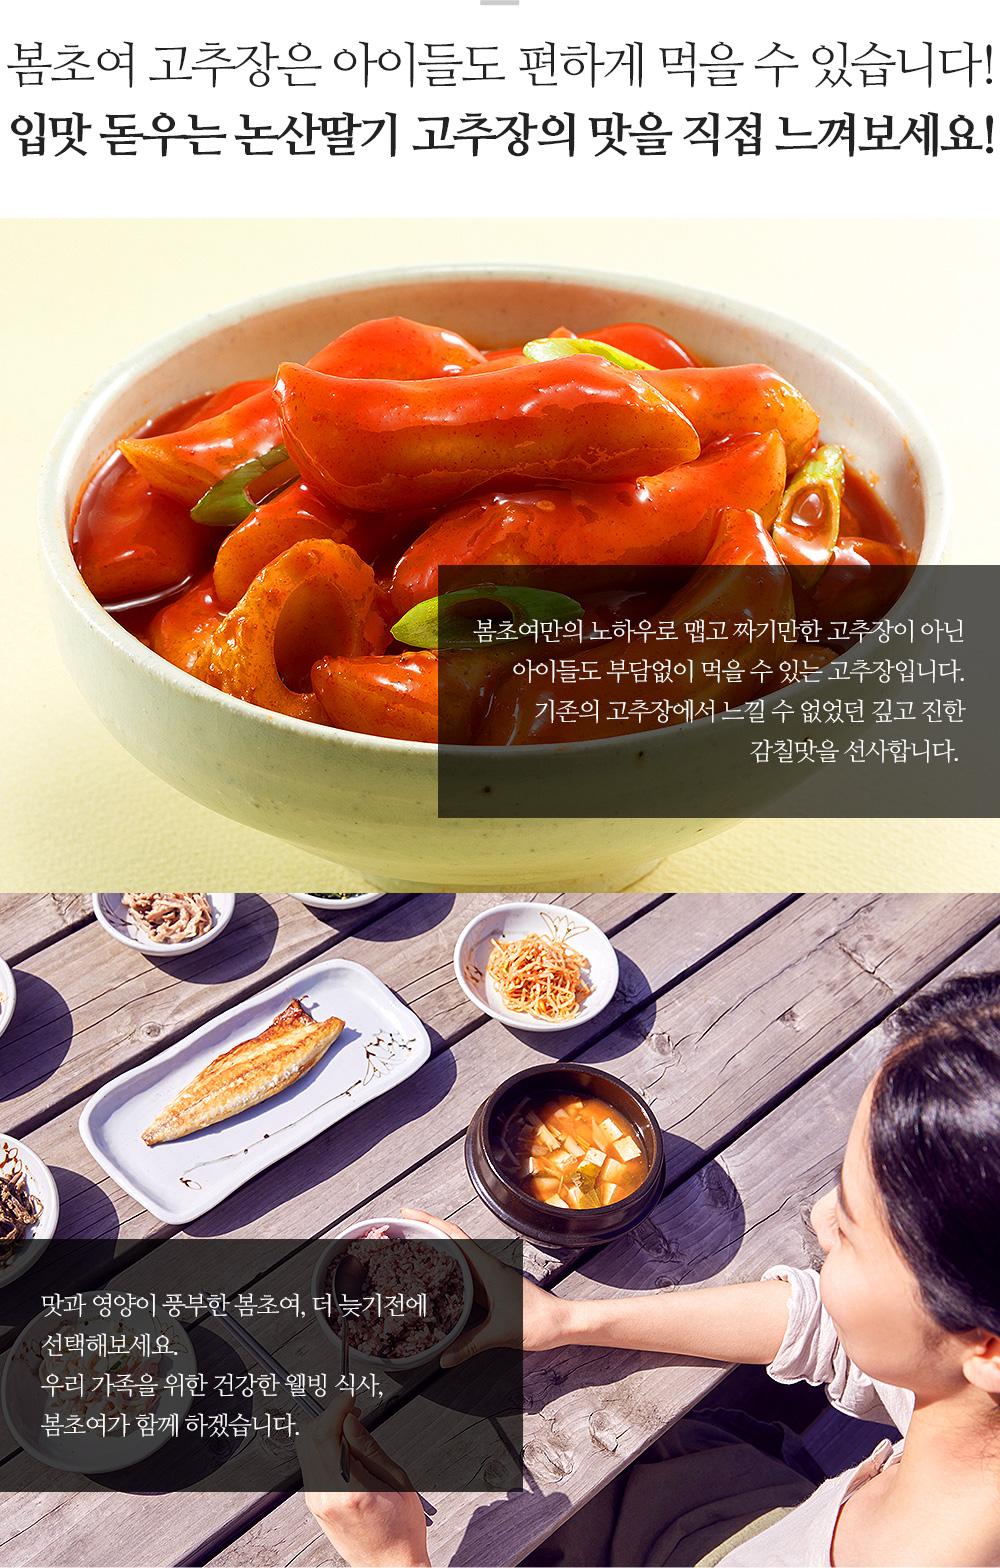 봄초여논산딸기고추장1키로_09.jpg